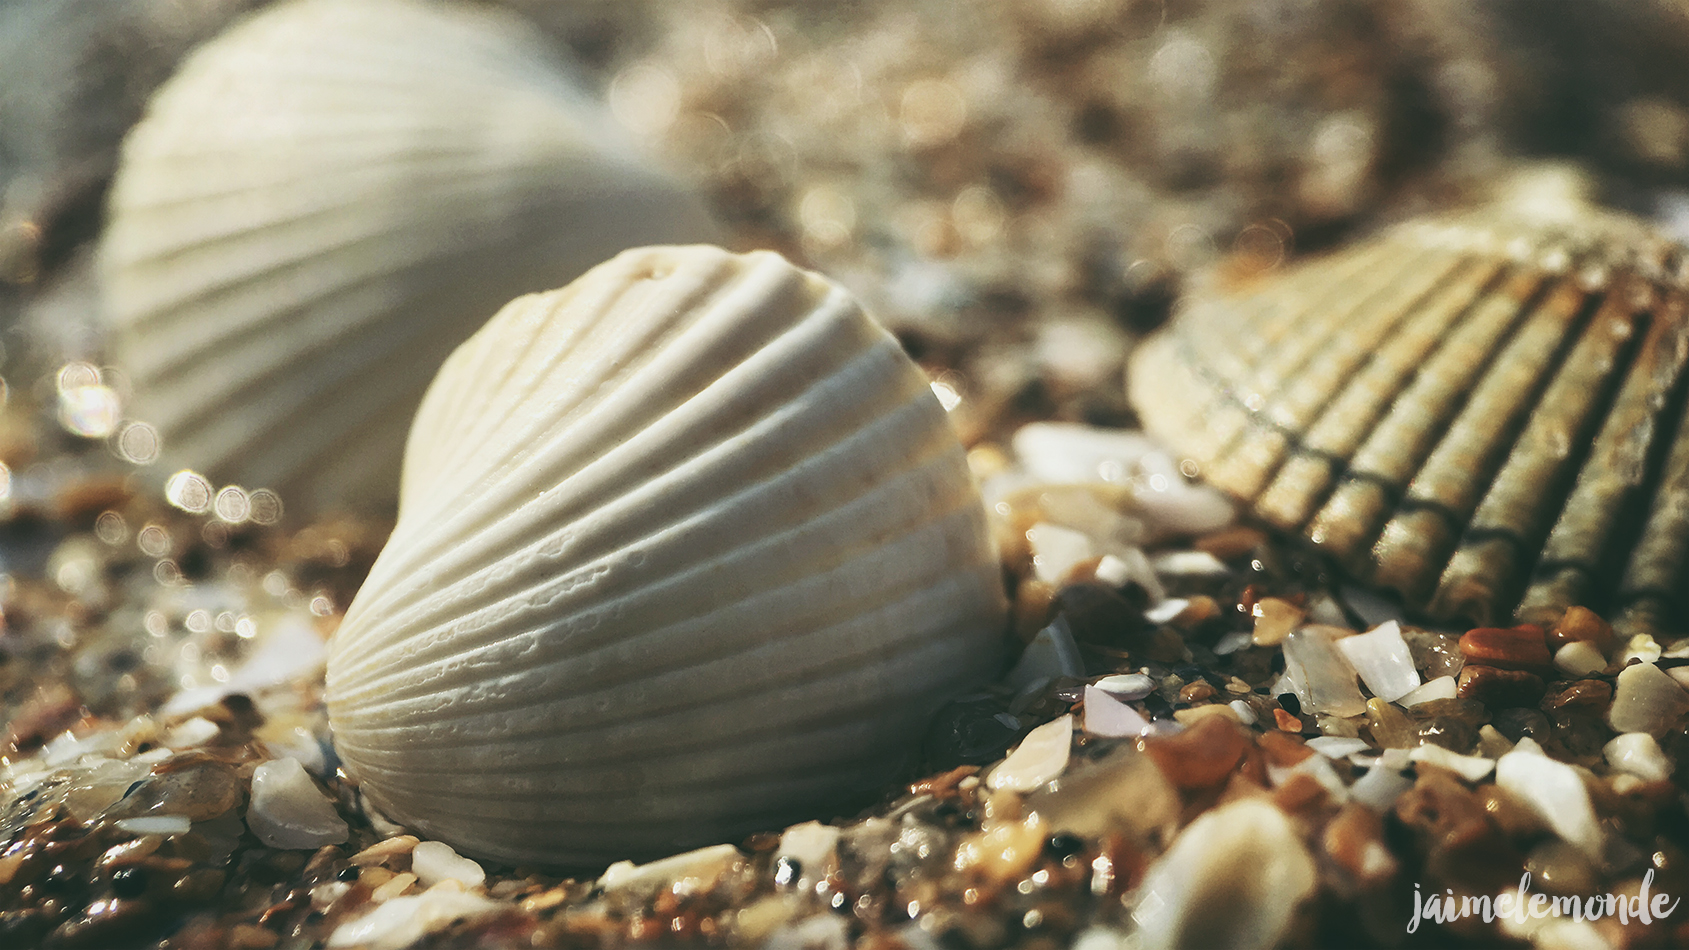 Pixter - Macro pro - Blonville sur mer - ©jaimelemonde (1)